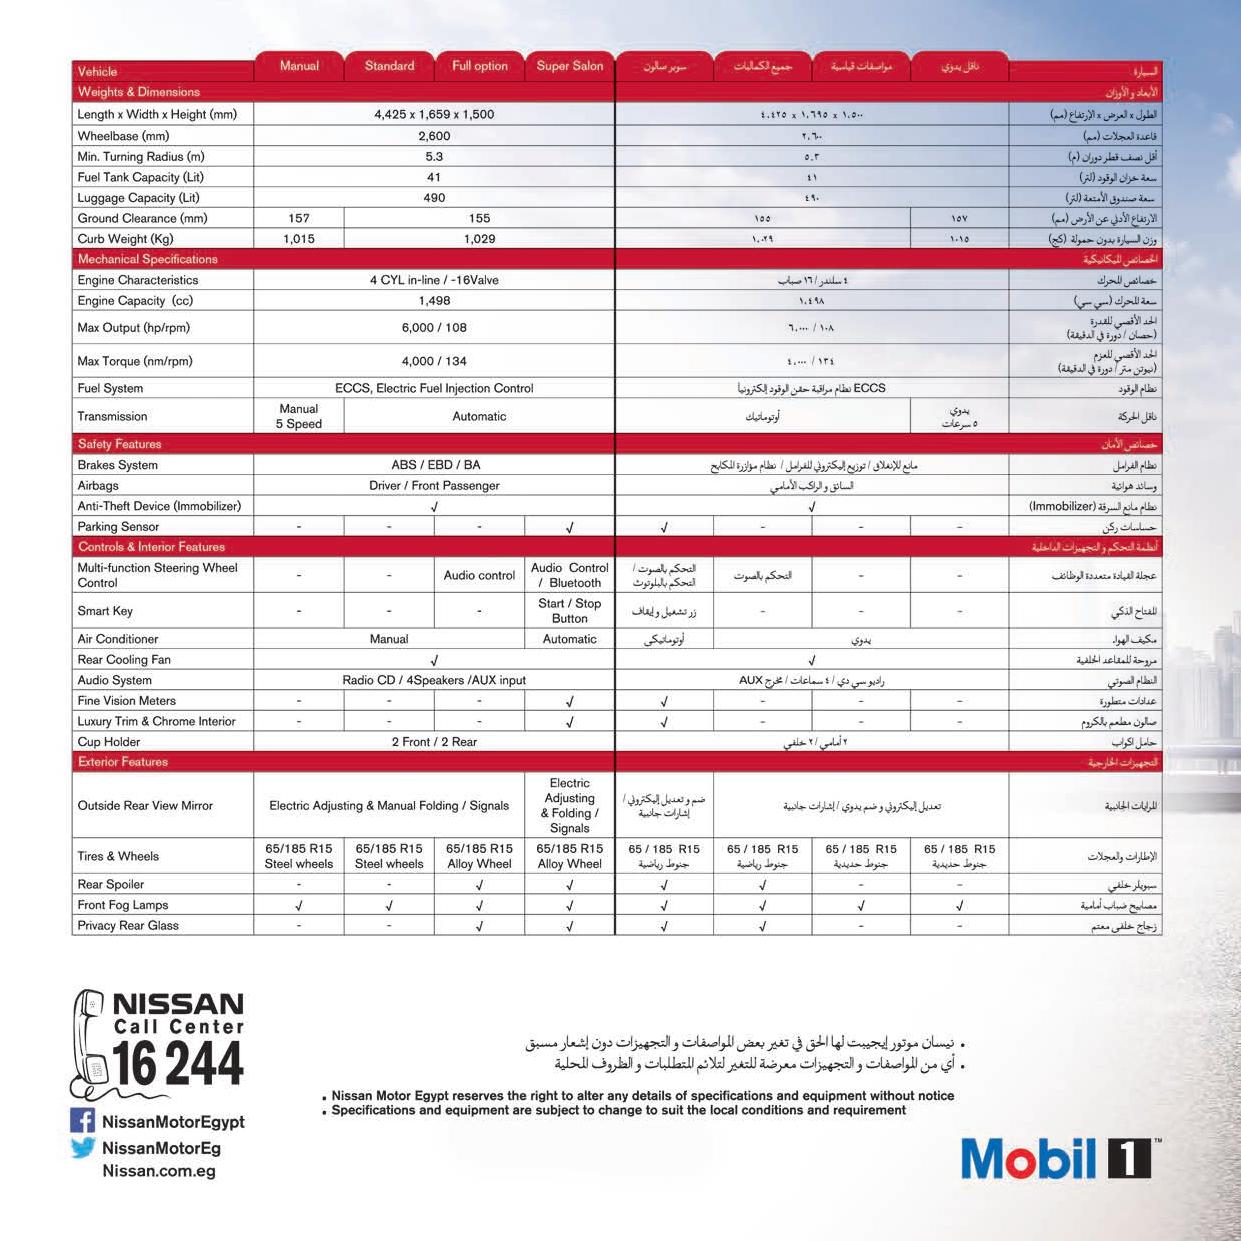 مواصفات وأسعار نيسان صني 2020 بجميع الفئات من اليدوي إلي سوبر صالون 1